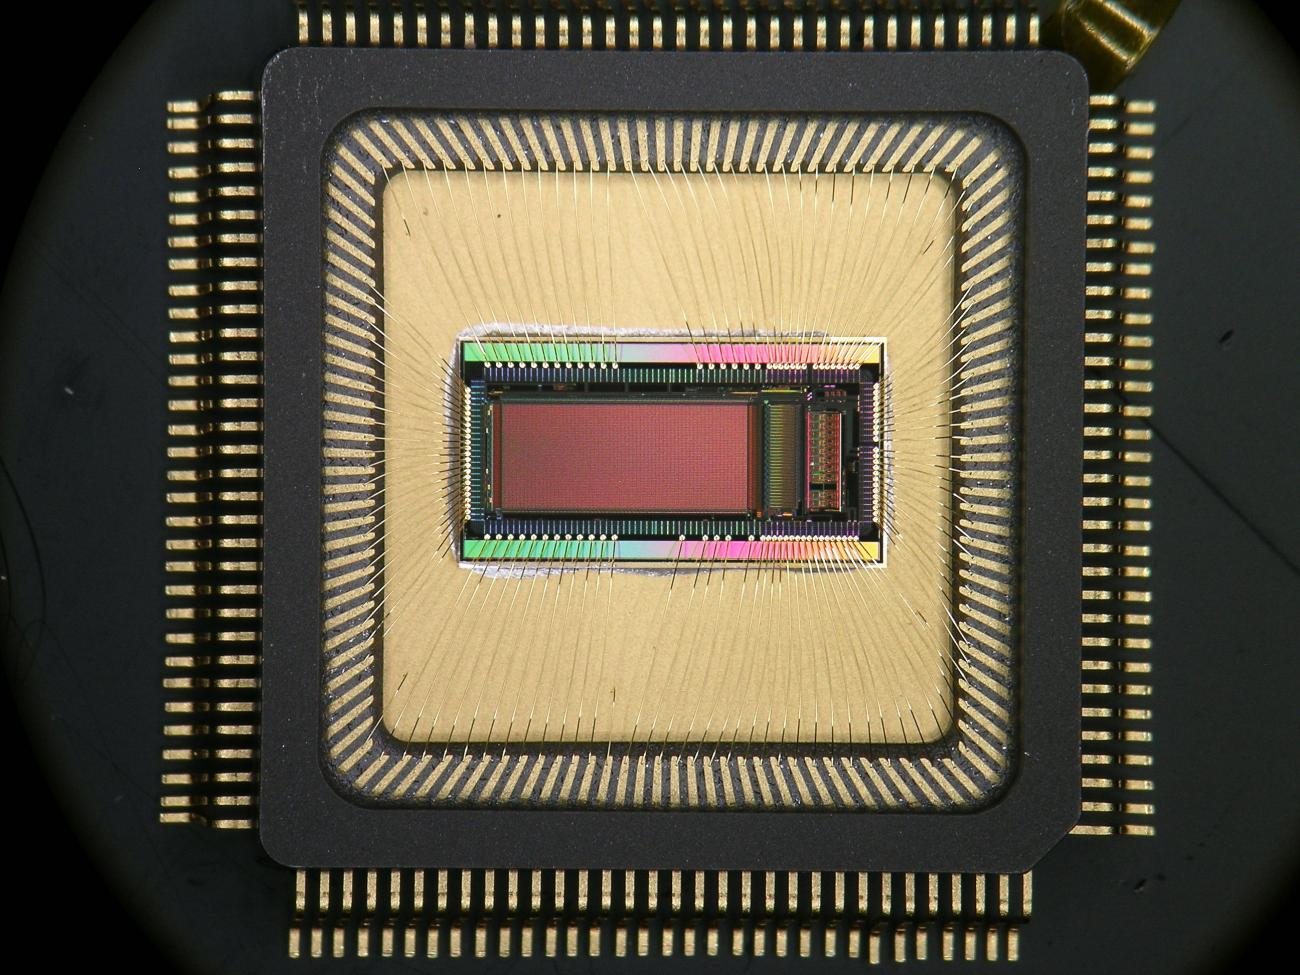 Puce NECTAR0 encapsulée en boîtier céramique. Le microcircuit NECTAR0 intègre près de 300000 transistors gravés avec une précision de 0.35µm sur une surface d'environ 20mm2. Il est destiné à la lecture des photomultiplicateurs du futur observatoire C